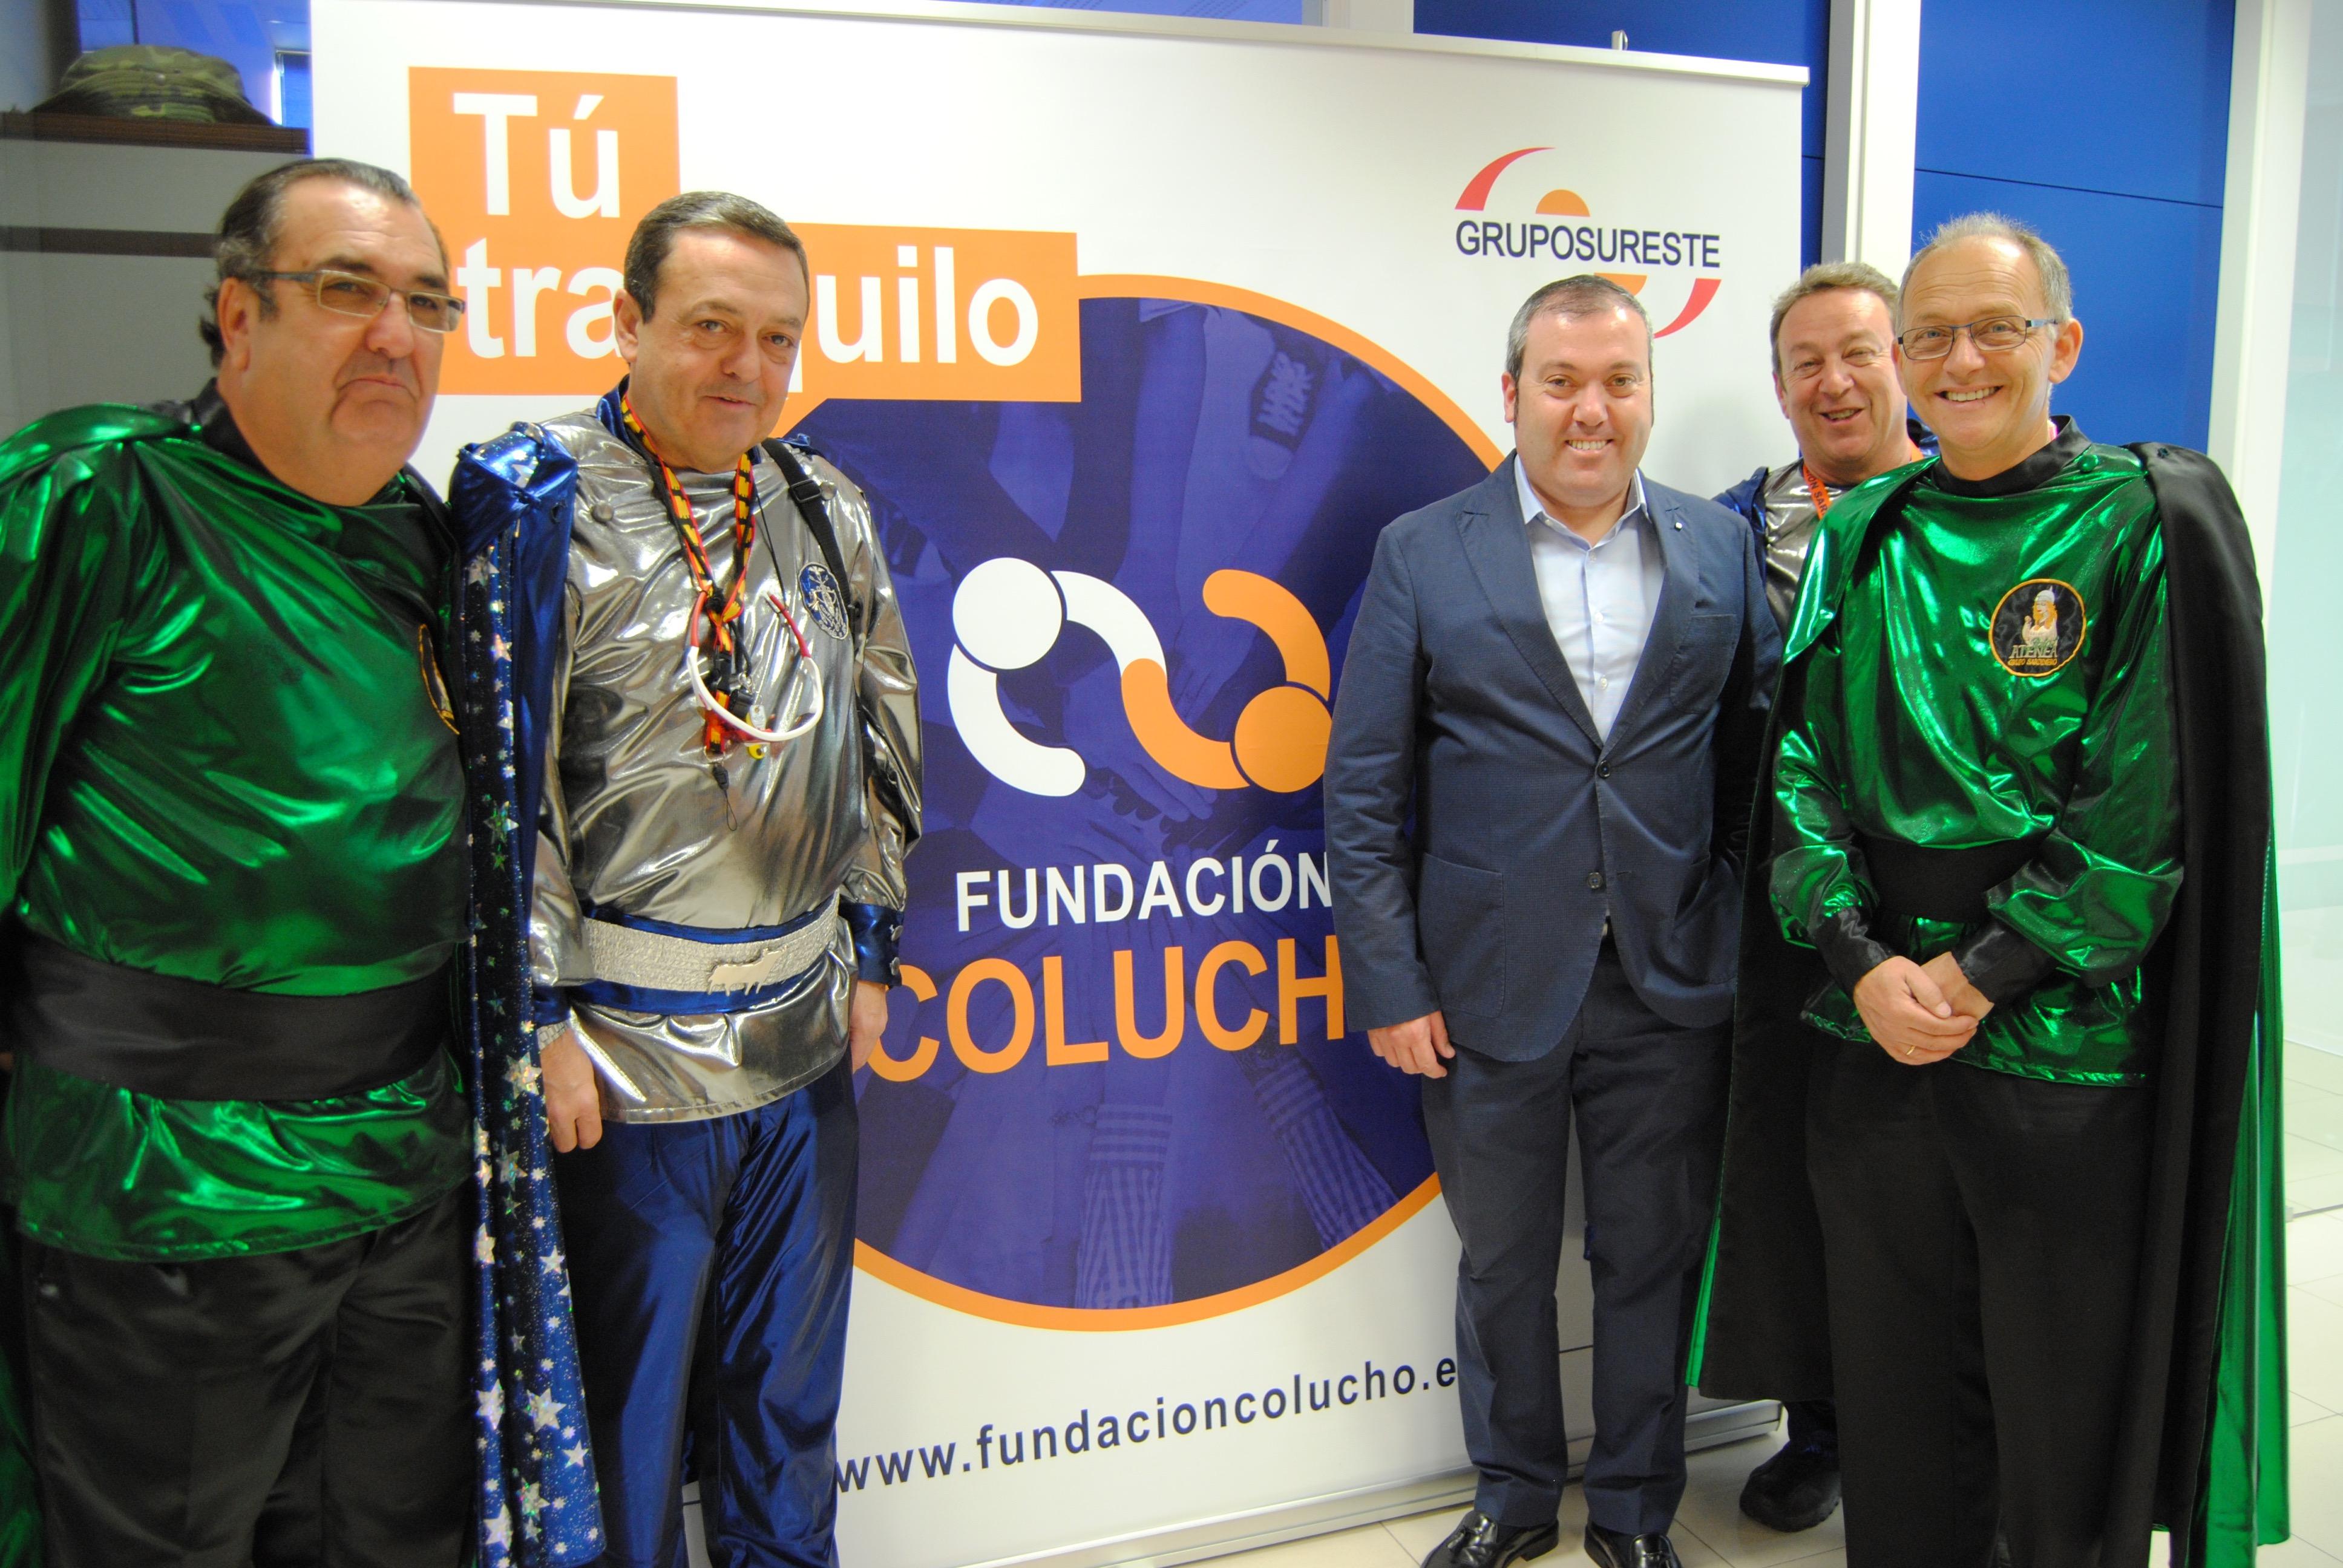 Patrocinadores del 'Entierro de la Sardina' de Murcia, fiesta declarada de Interés Turístico Internacional.